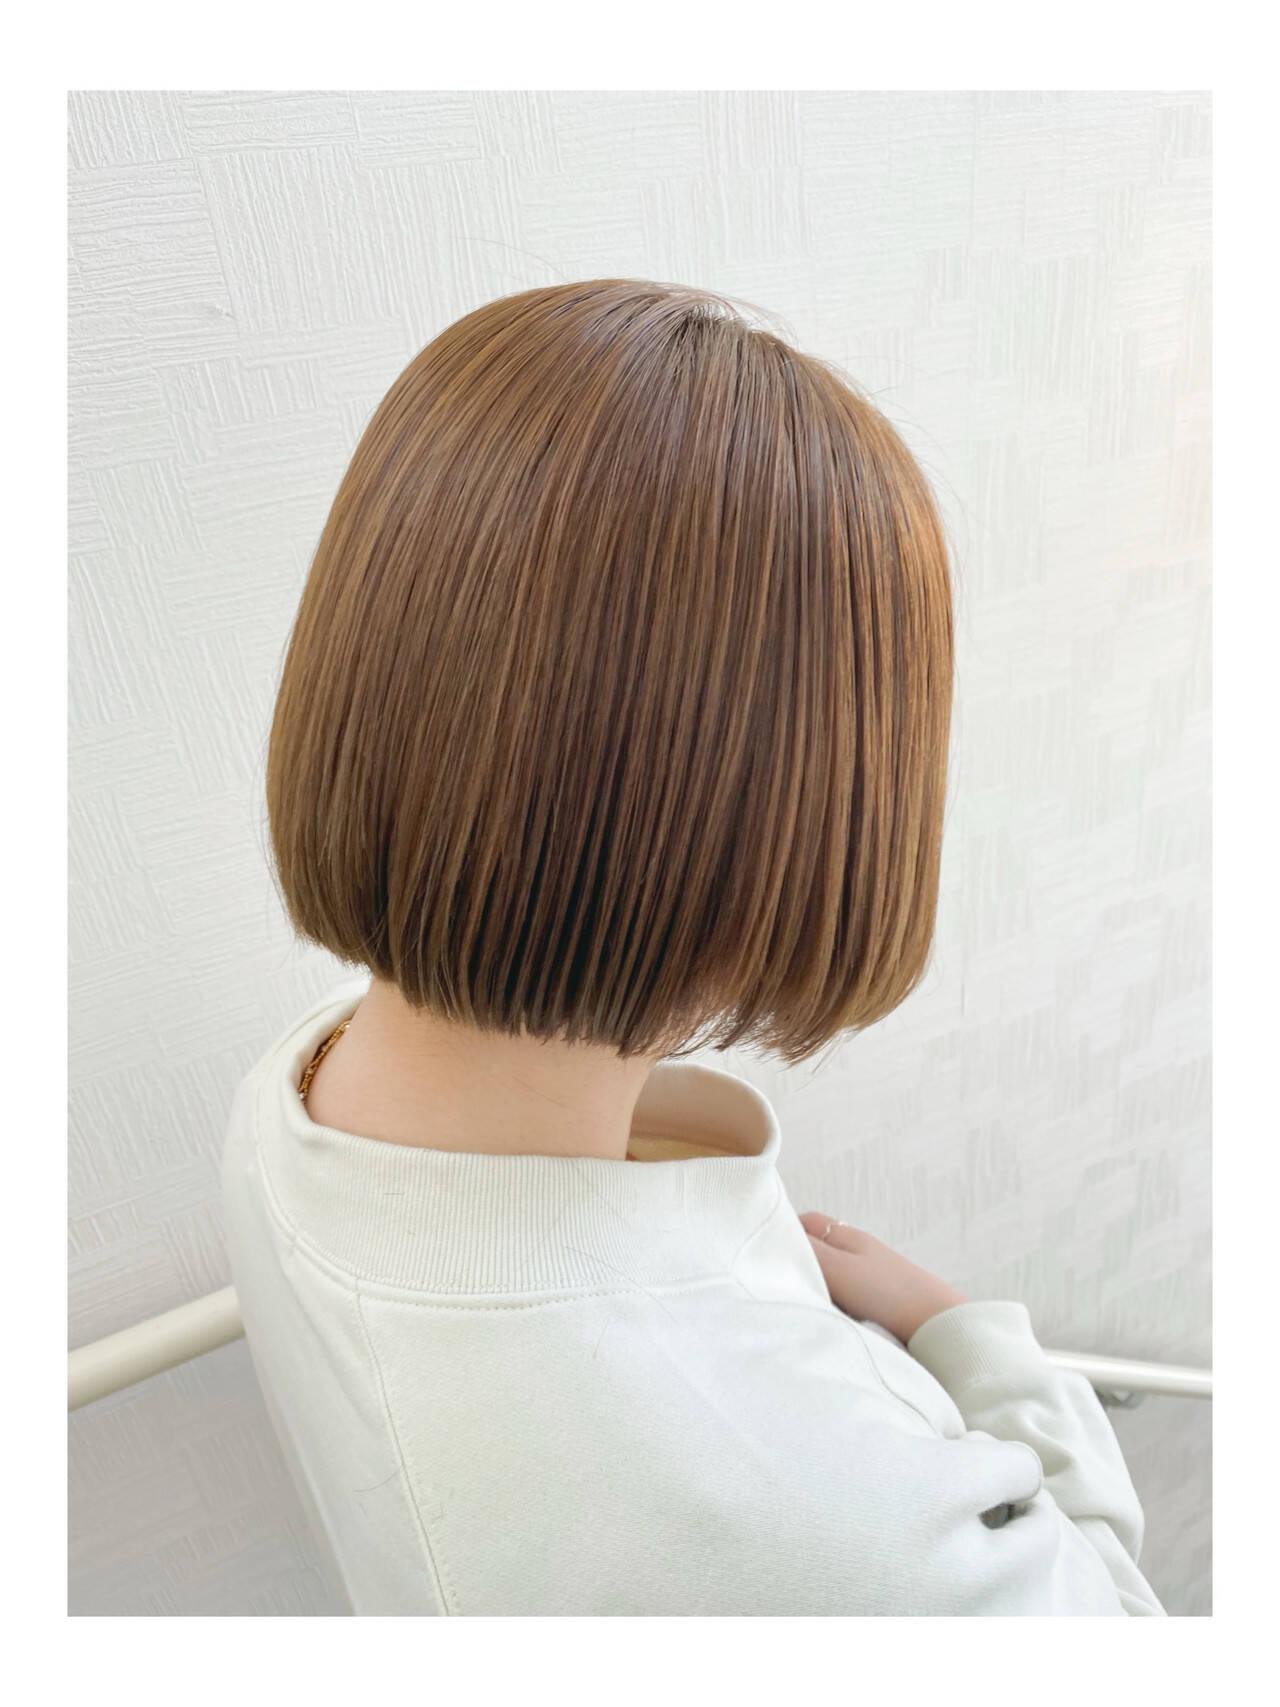 オリーブグレージュ ミニボブ ミルクティーグレージュ ボブヘアスタイルや髪型の写真・画像